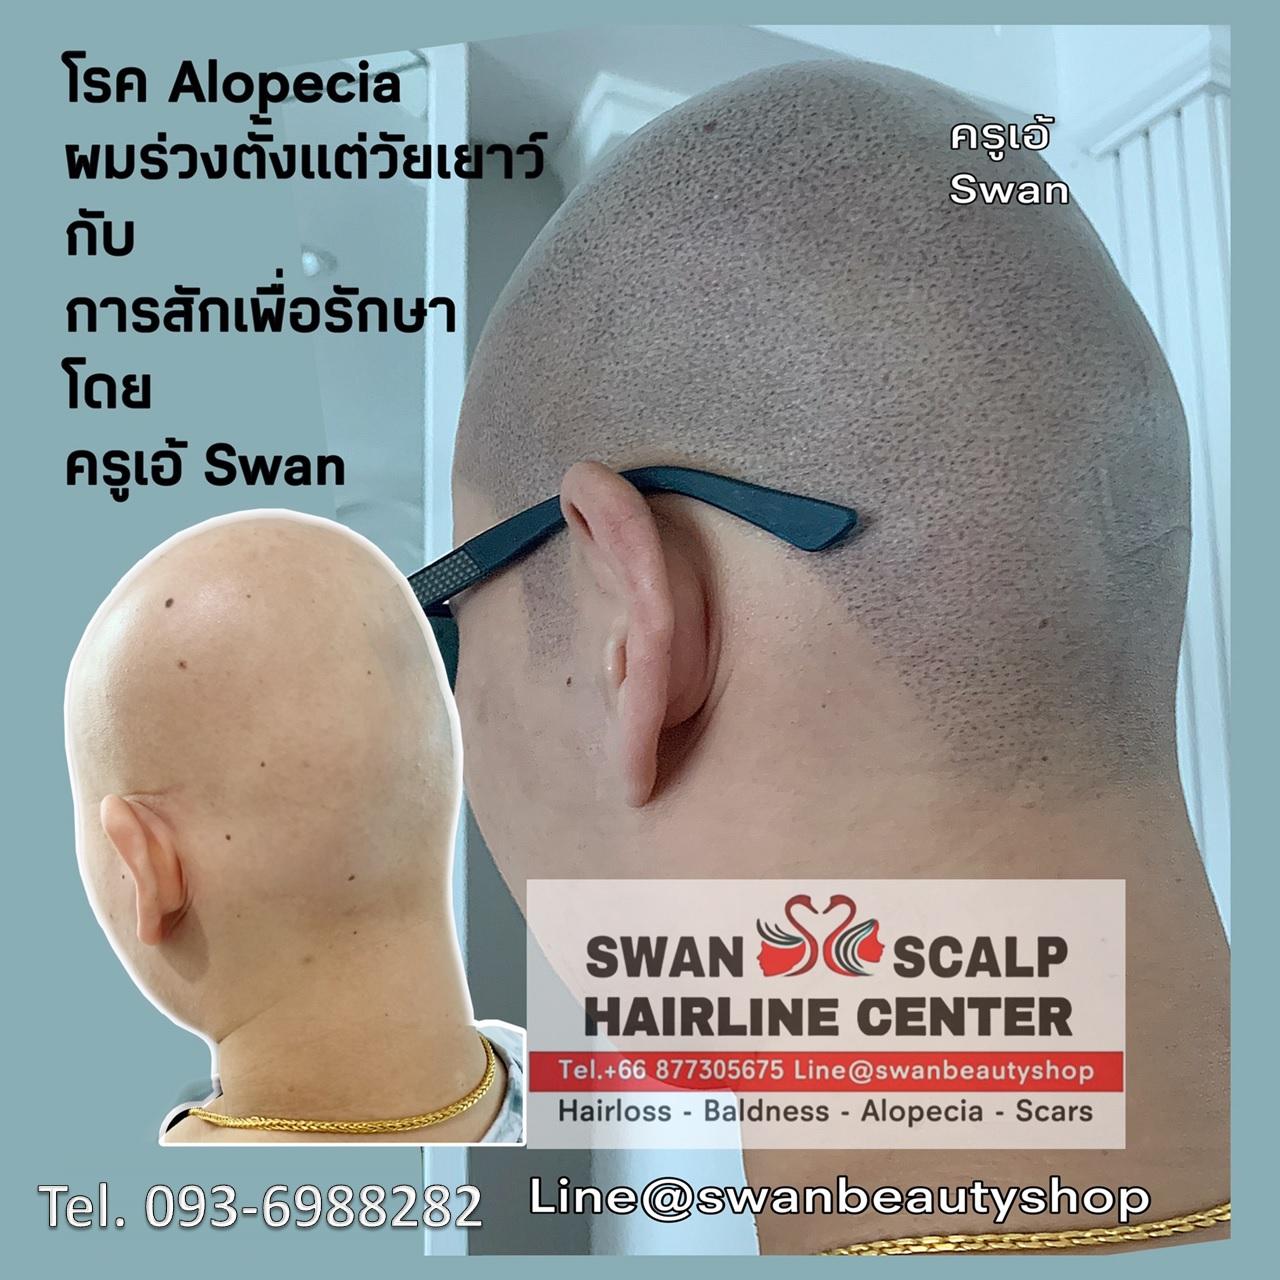 สักเพื่อรักษาโรค Alopecia